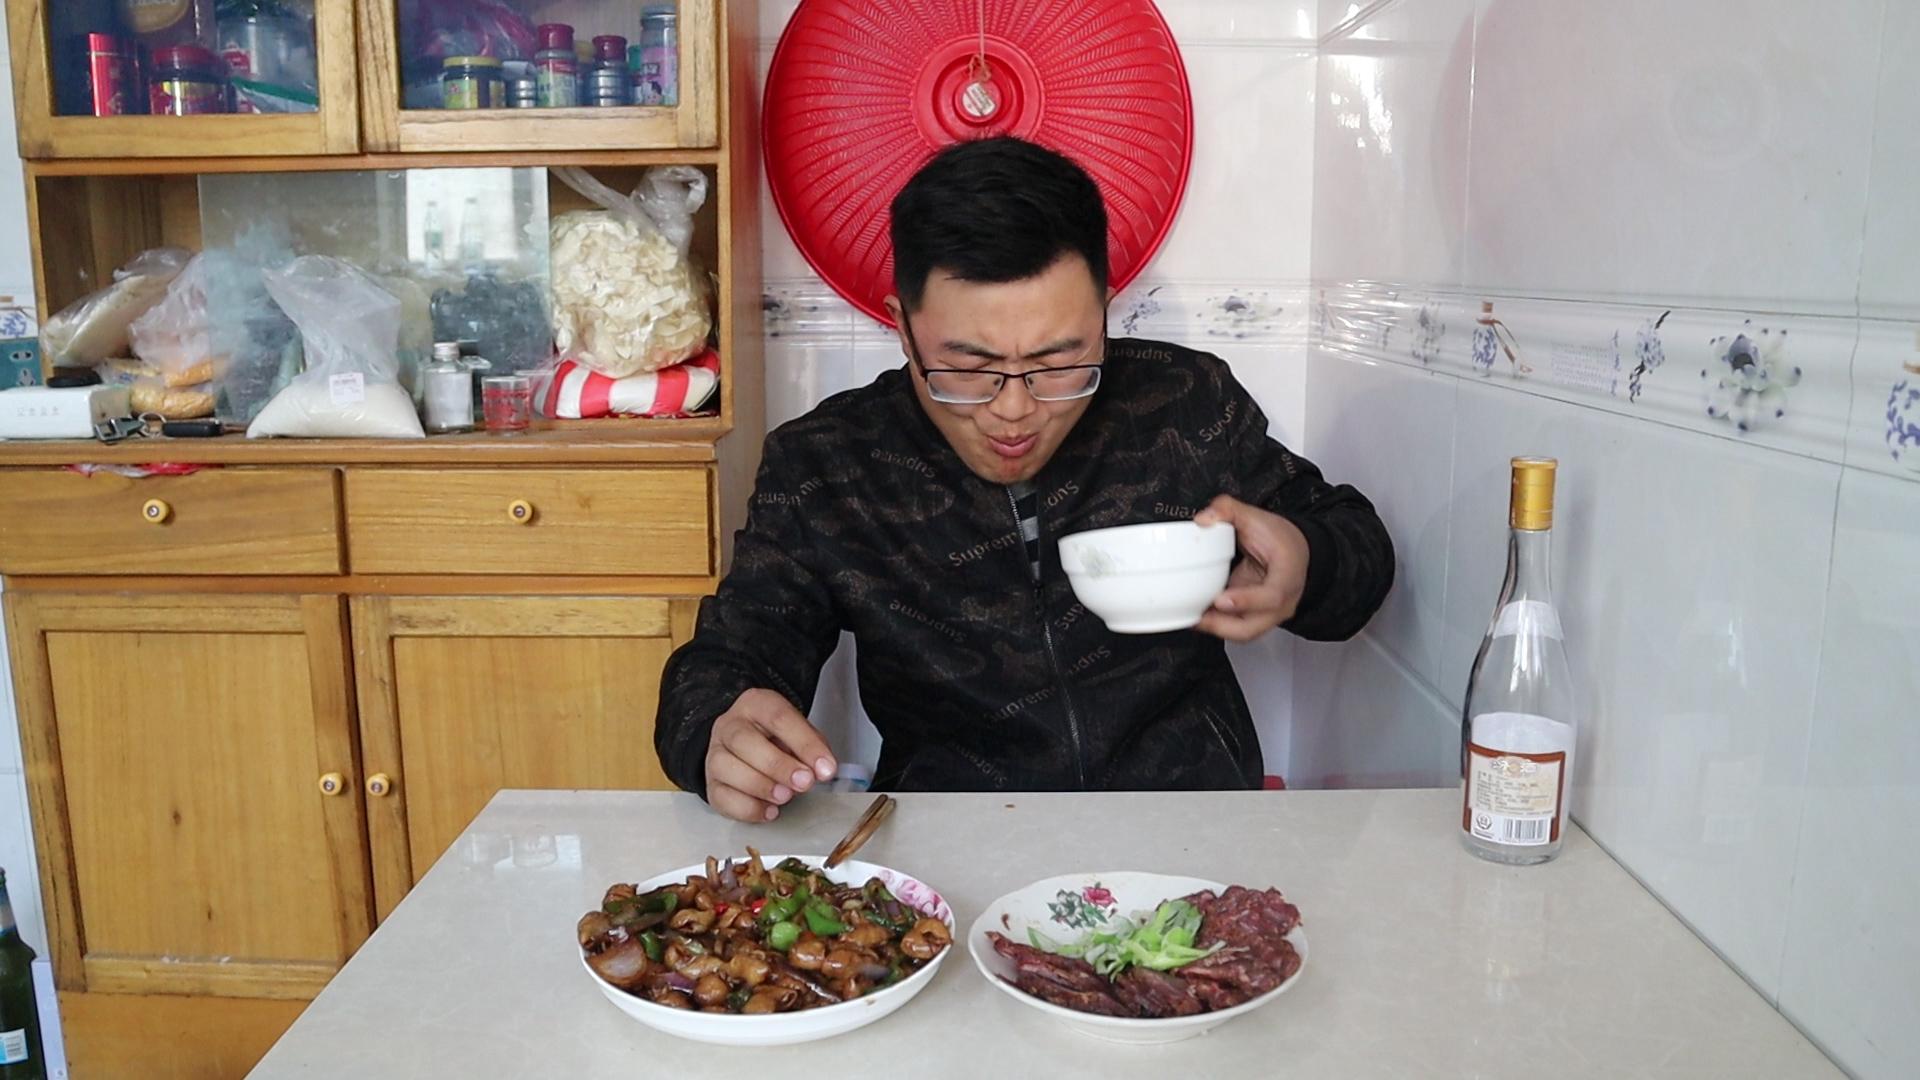 老婆不在家!105元酱牛肉,一斤猪大肠,小伙一人喝一瓶白酒过瘾